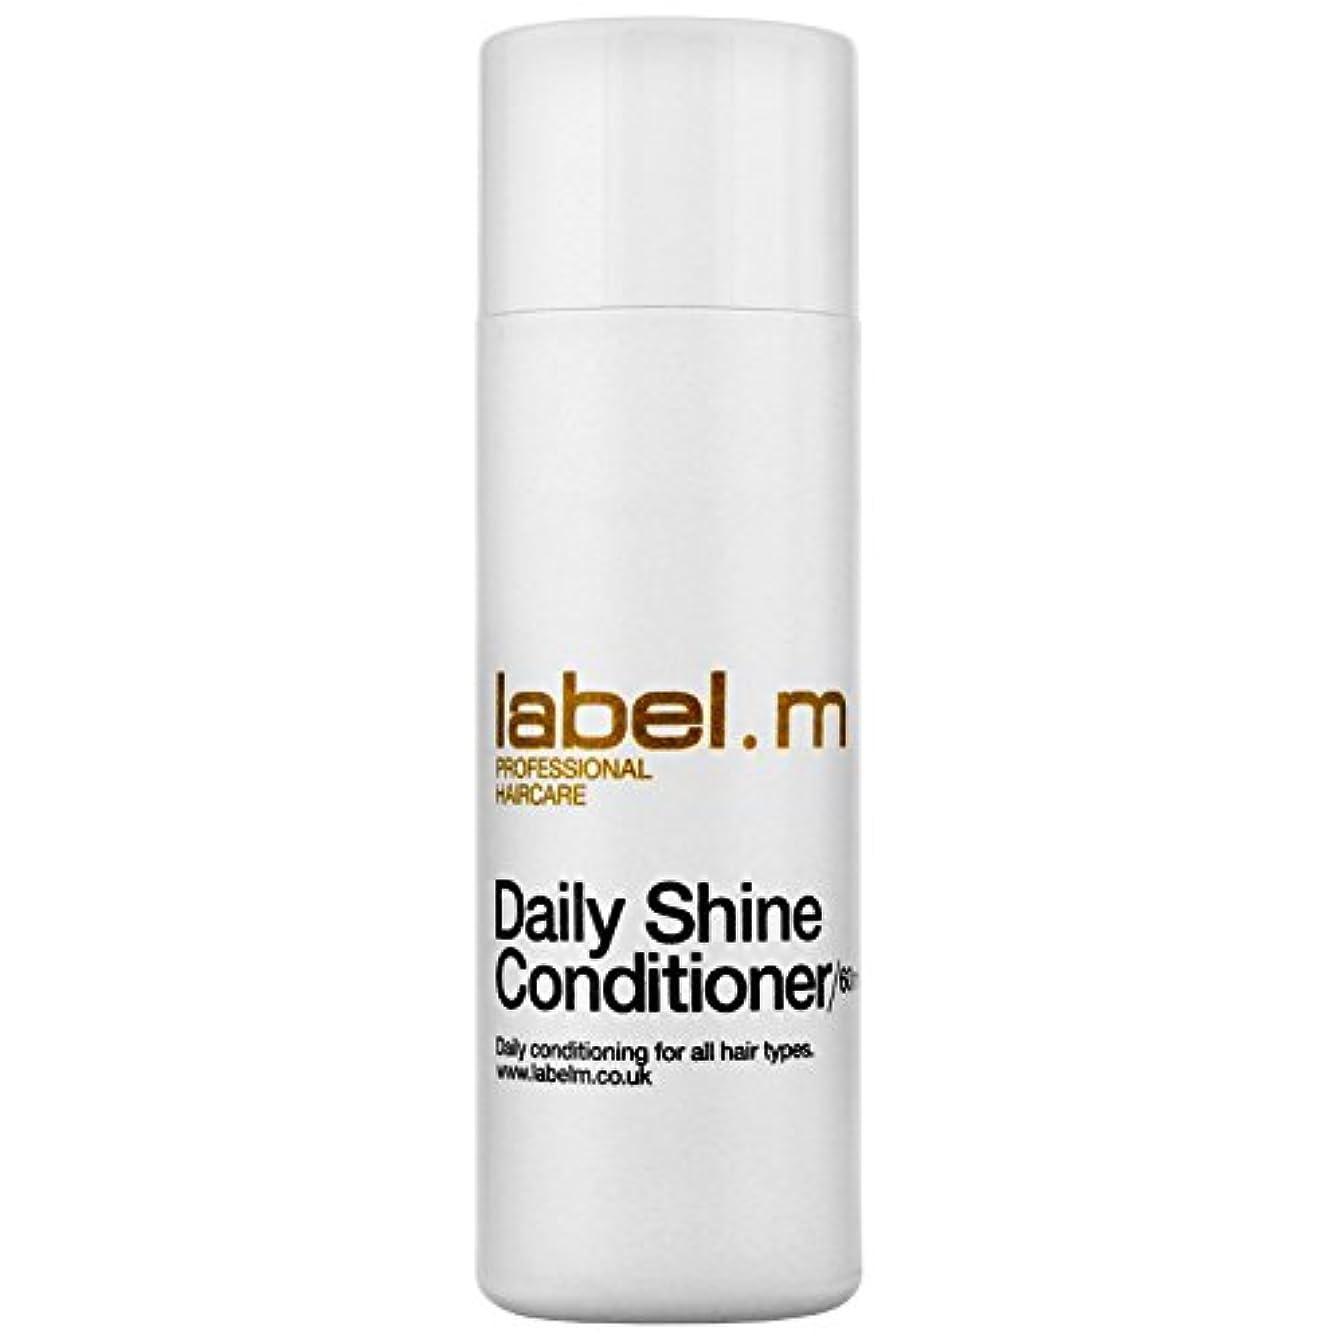 枯渇津波インセンティブLabel.M Professional Haircare ラベルMデイリーシャインコンディショナー60ミリリットルによって条件